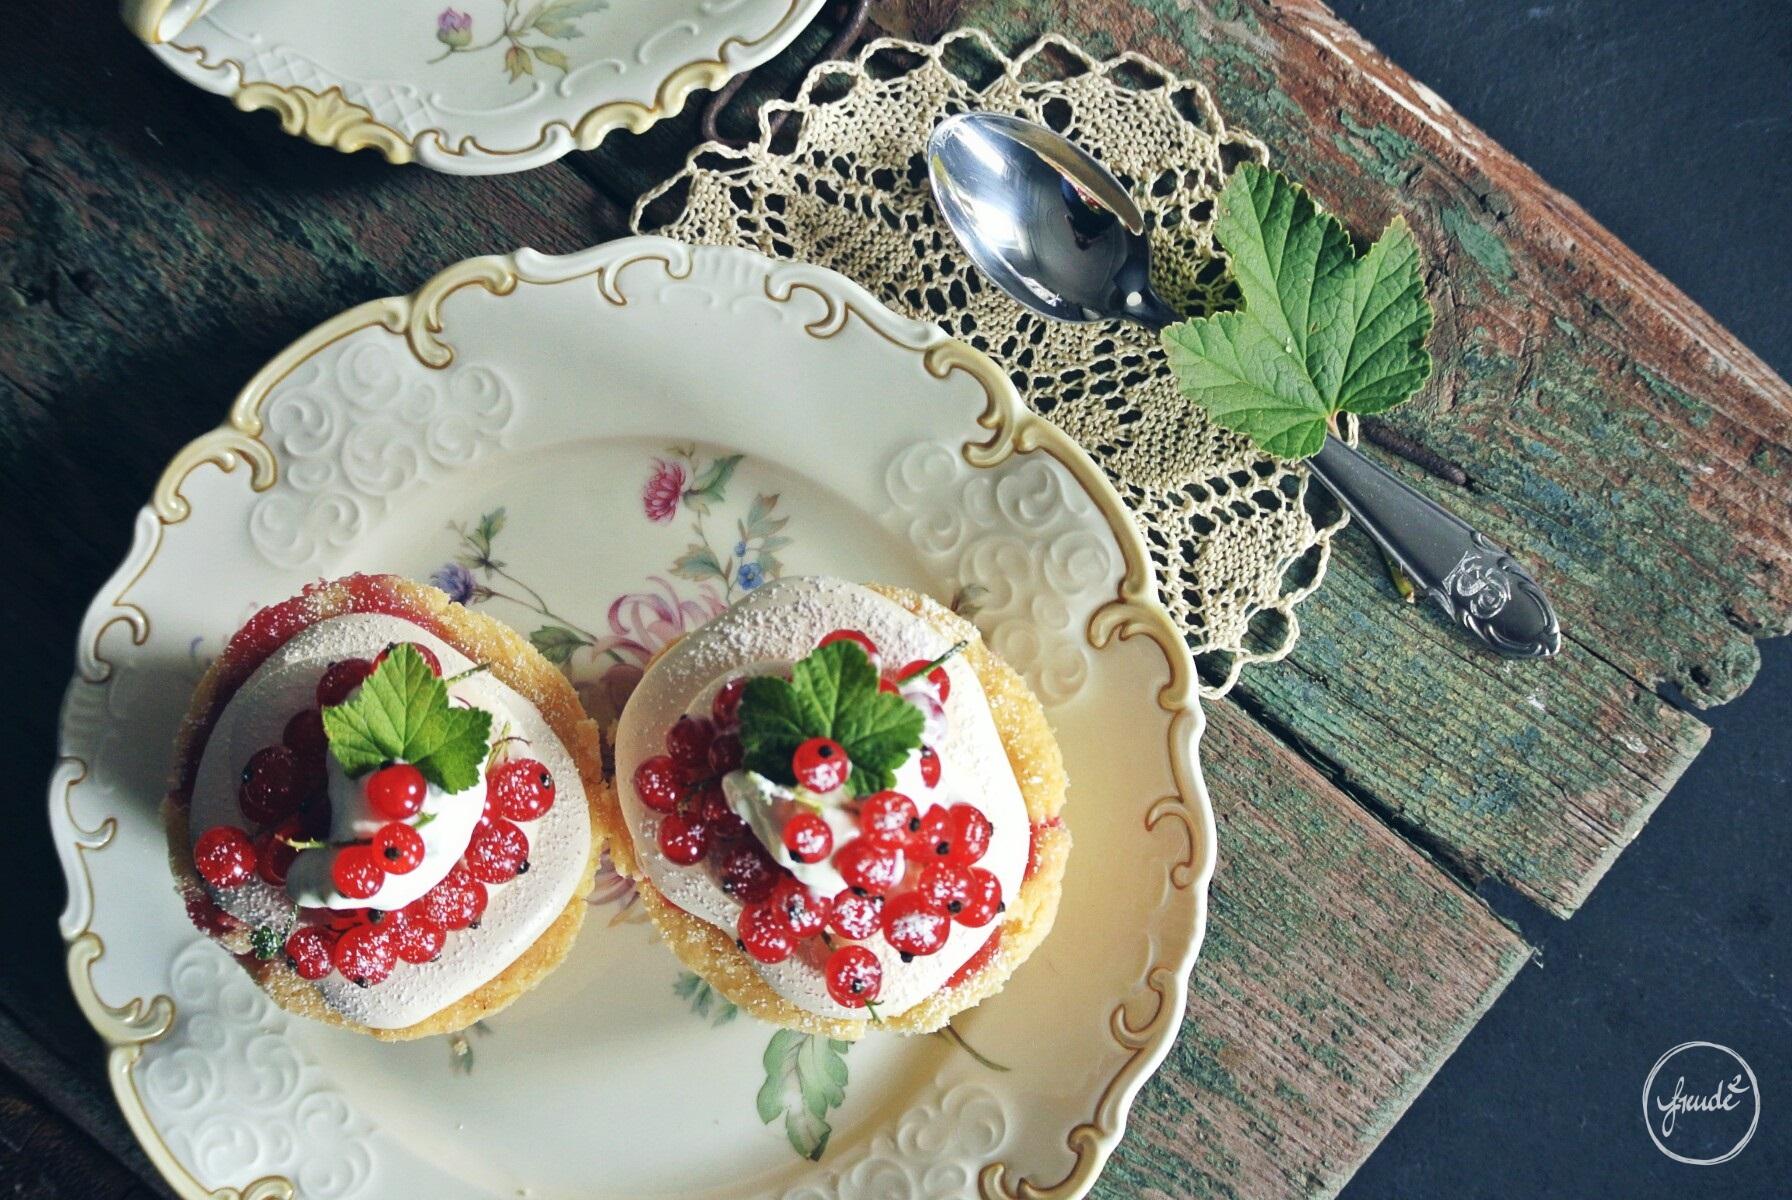 Johannisbeer Muffins mit Baiser